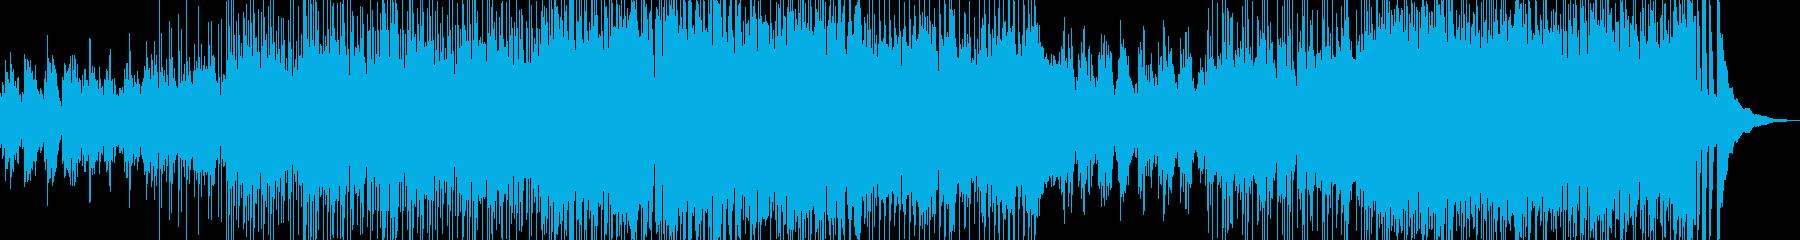 明るく前向きなアコースティックポップの再生済みの波形